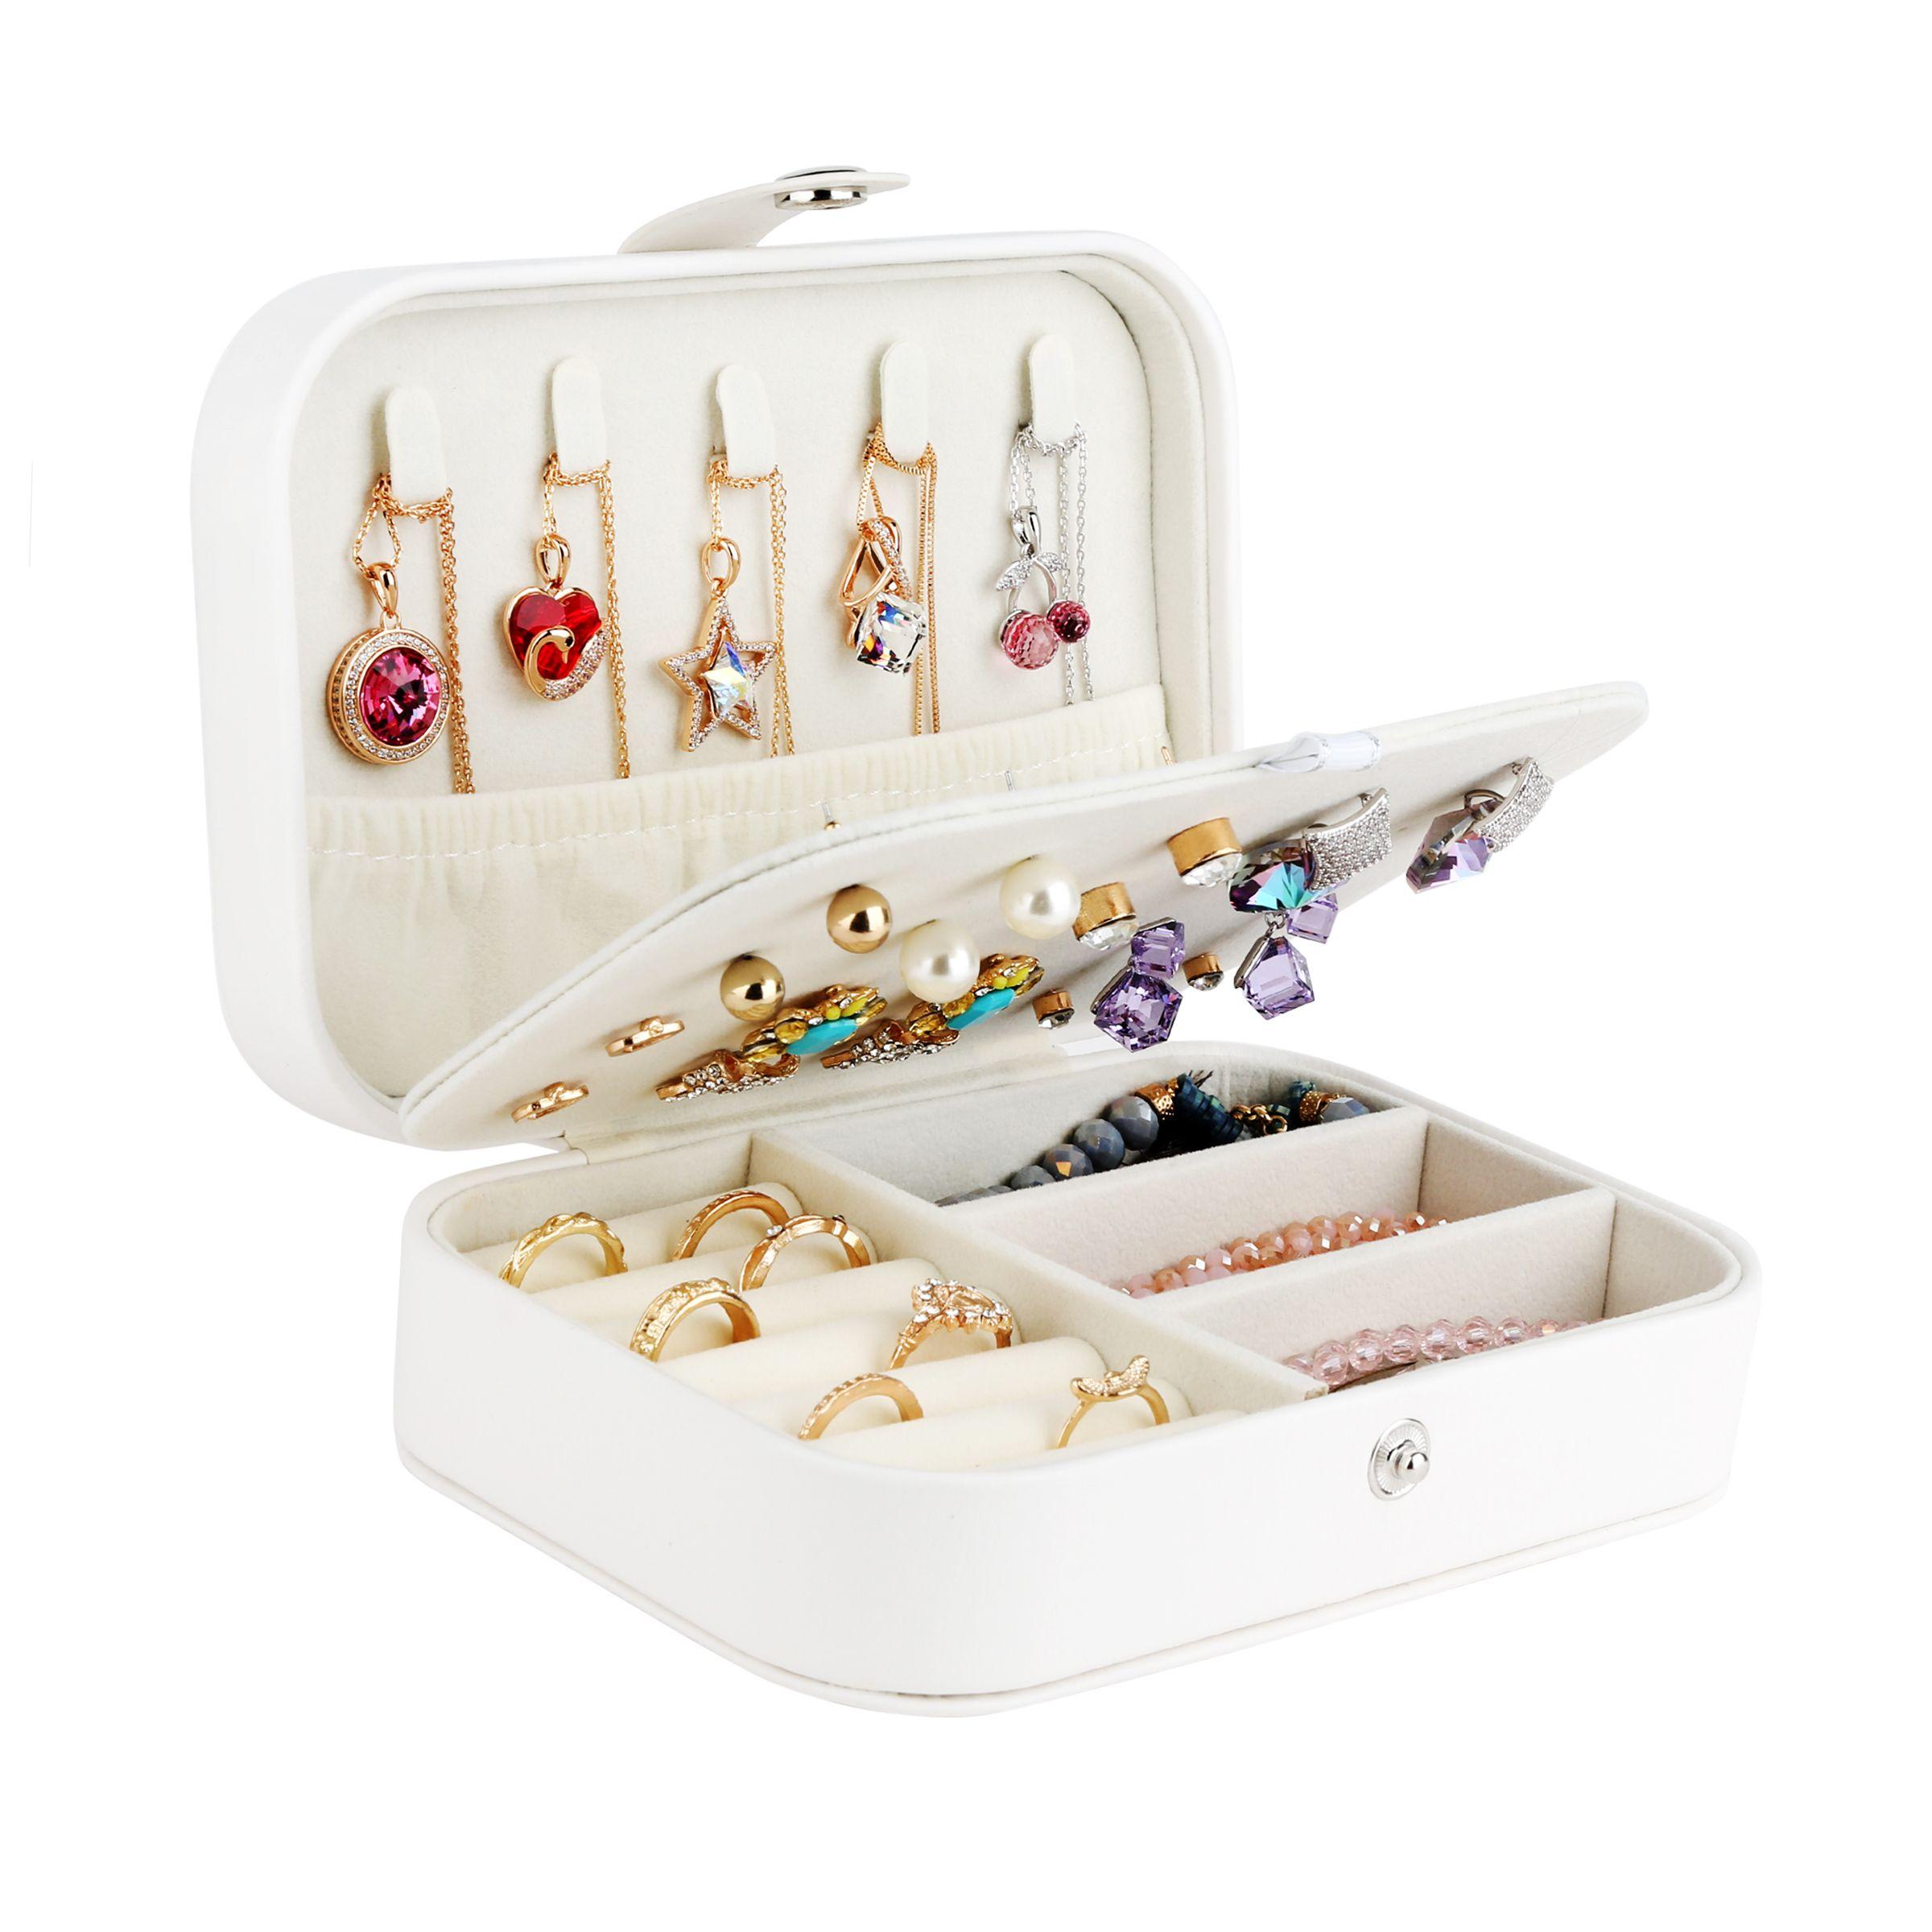 Boîte à bijoux voyage cosmétique bijoux cercueil organisateur maquillage rouge à lèvres boîte de rangement beauté conteneur collier cadeau d'anniversaire